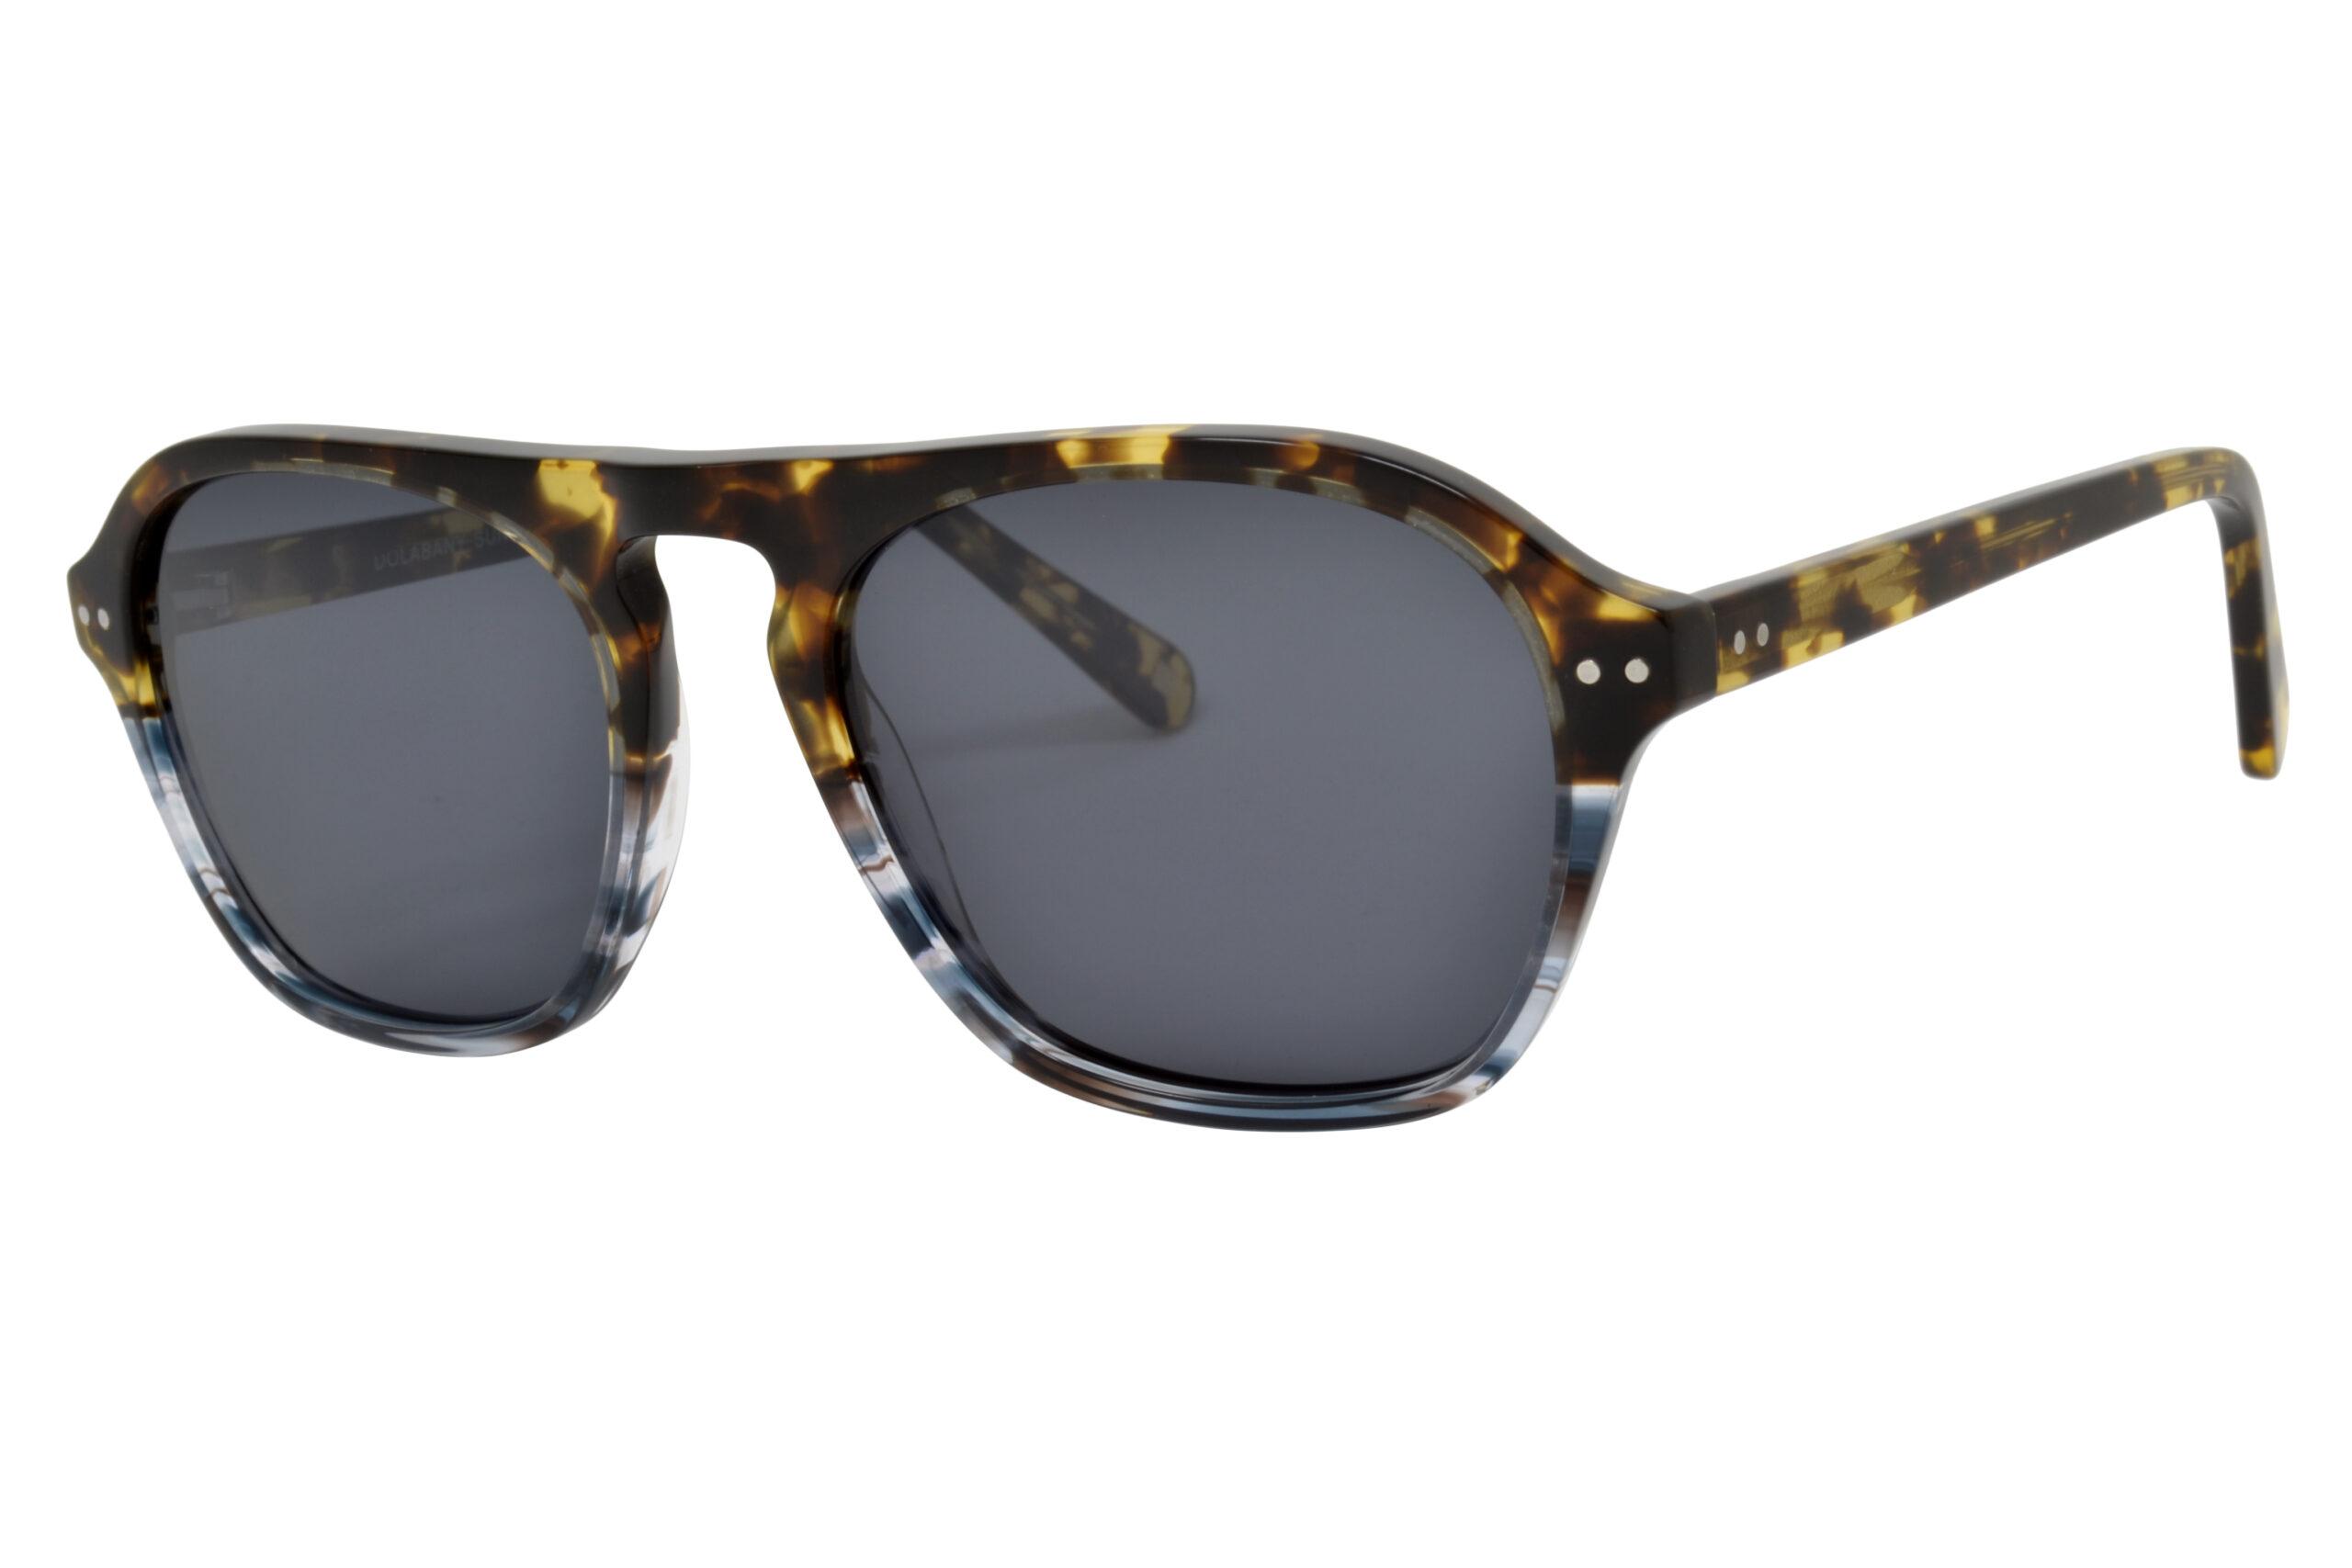 Dolabany Eyewear Rutland Black